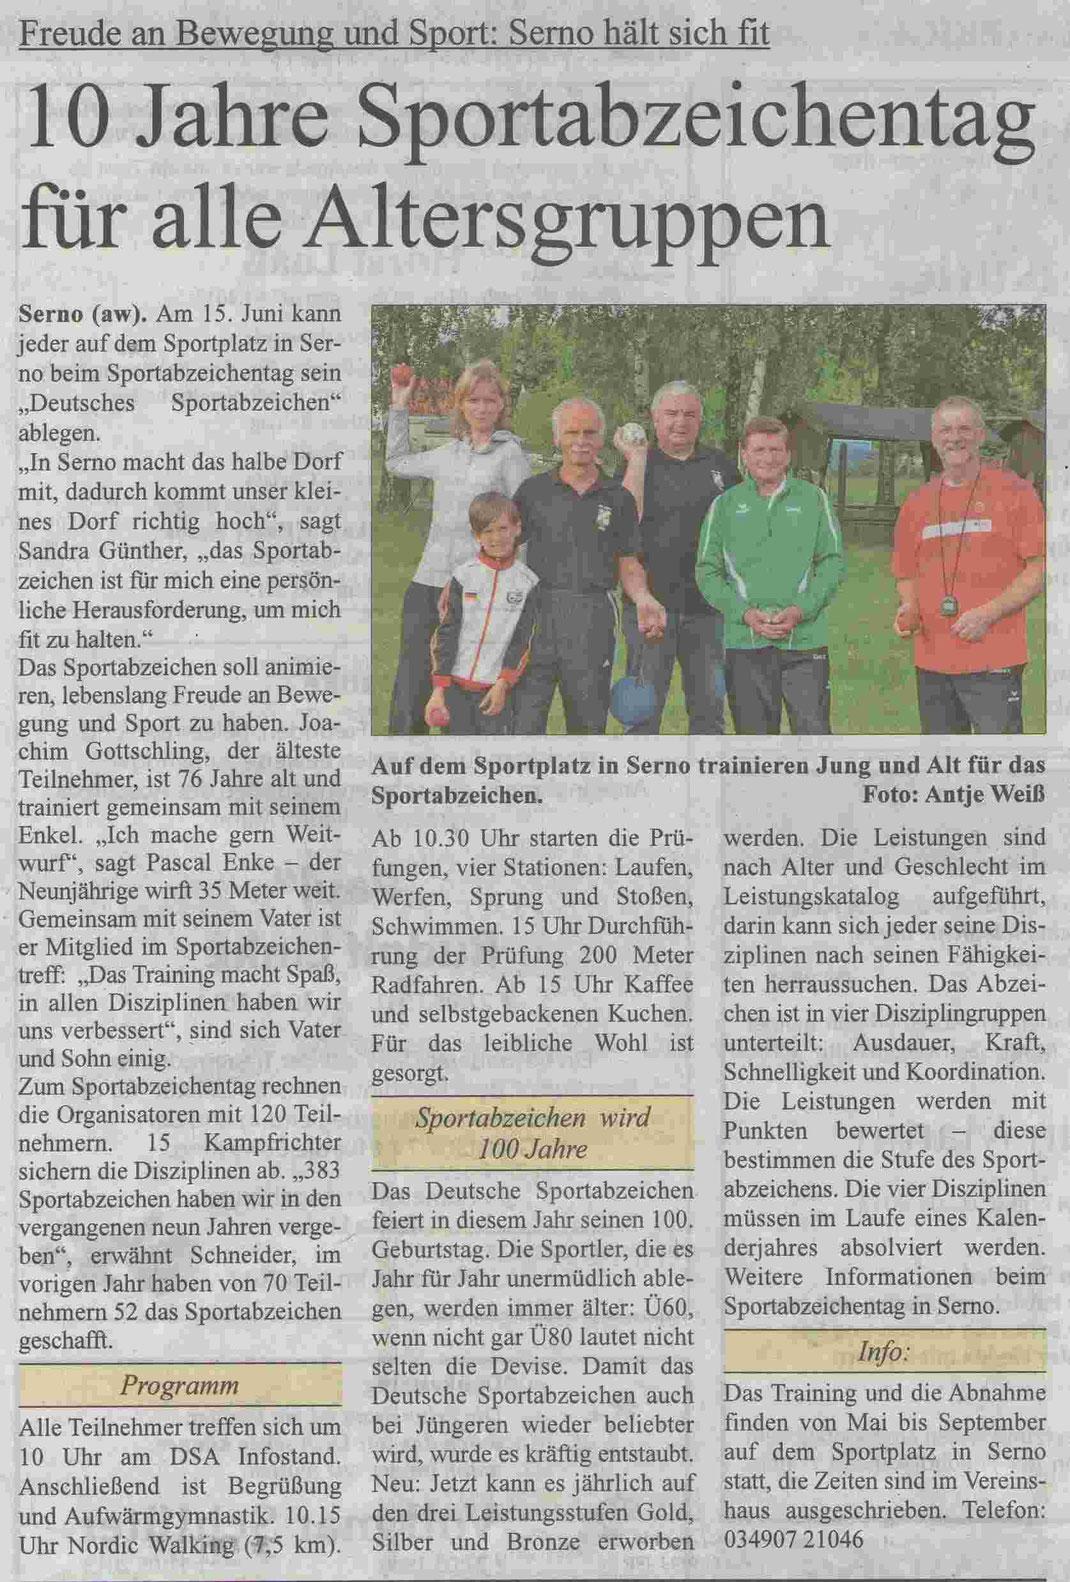 """MZ-Artikel """"10 Jahre Sportabzeichentag für alle Altersgruppen"""" vom 09.06.2013"""